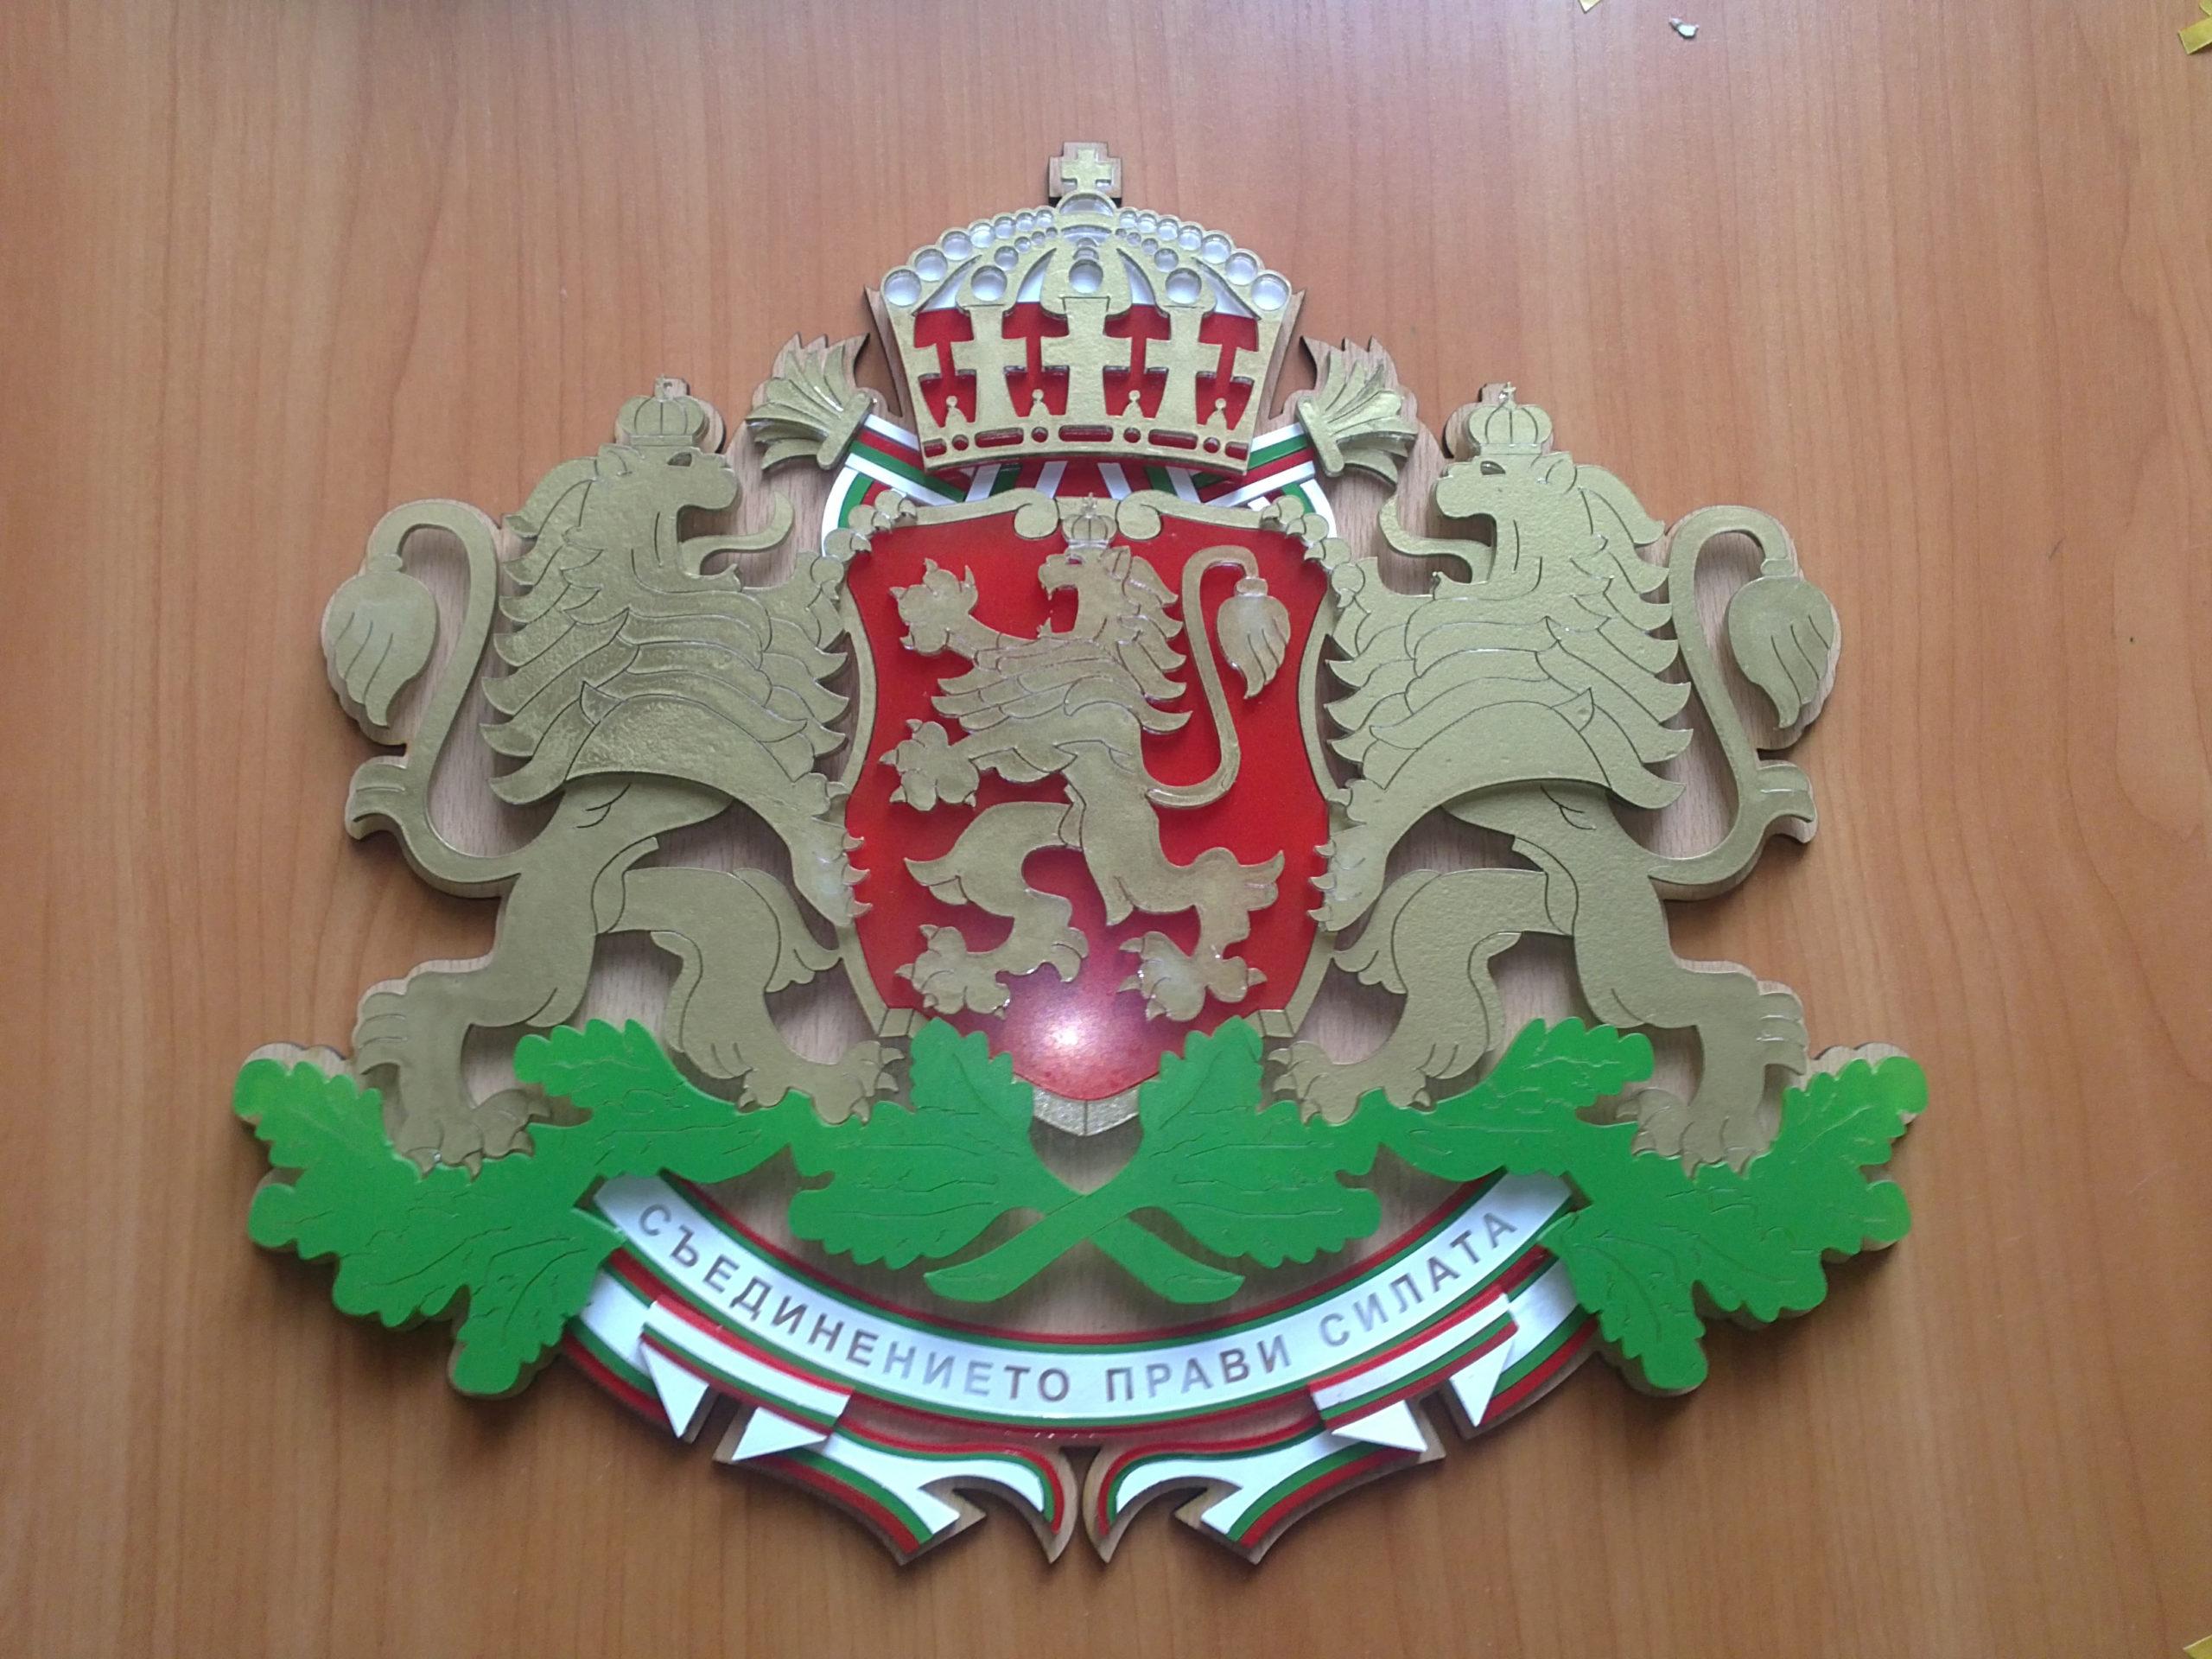 Артлайн - Герб на РБългария